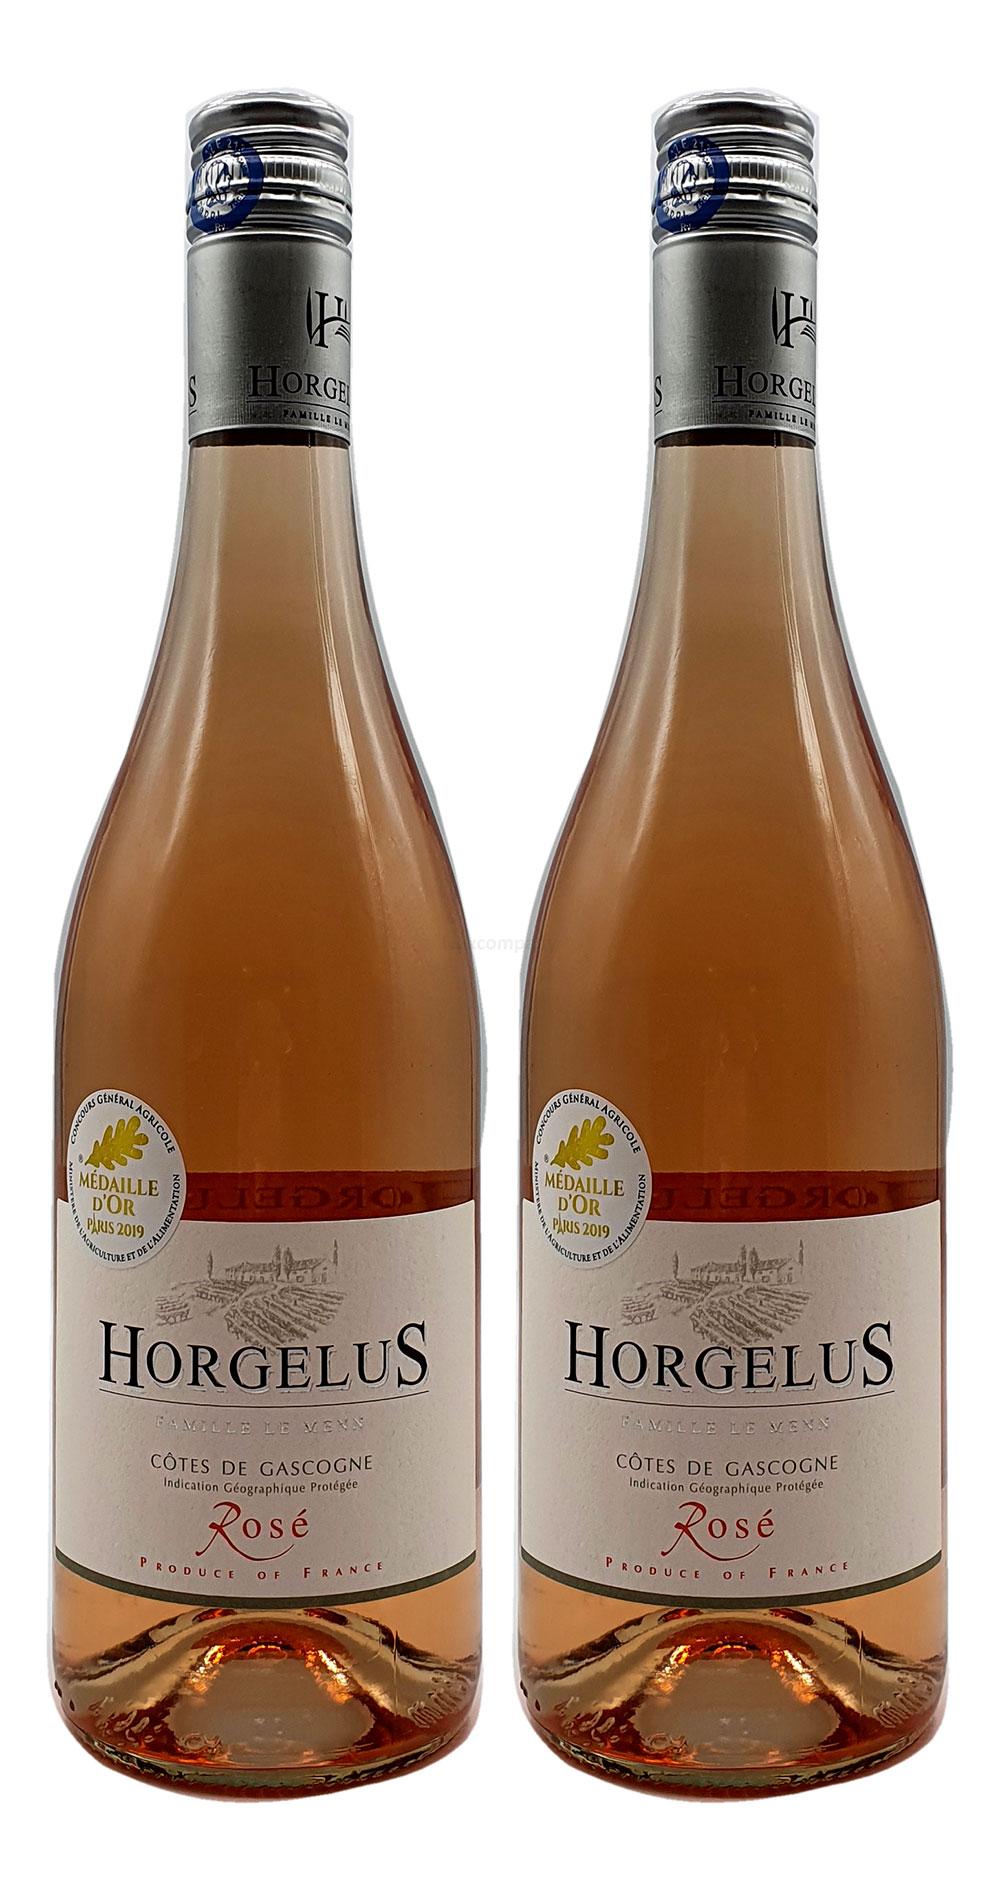 Rose Wein Set - 2x Horgelus Côtes de Gascogne Rosé 750ml (11,5% Vol)- [Enthält Sulfite]